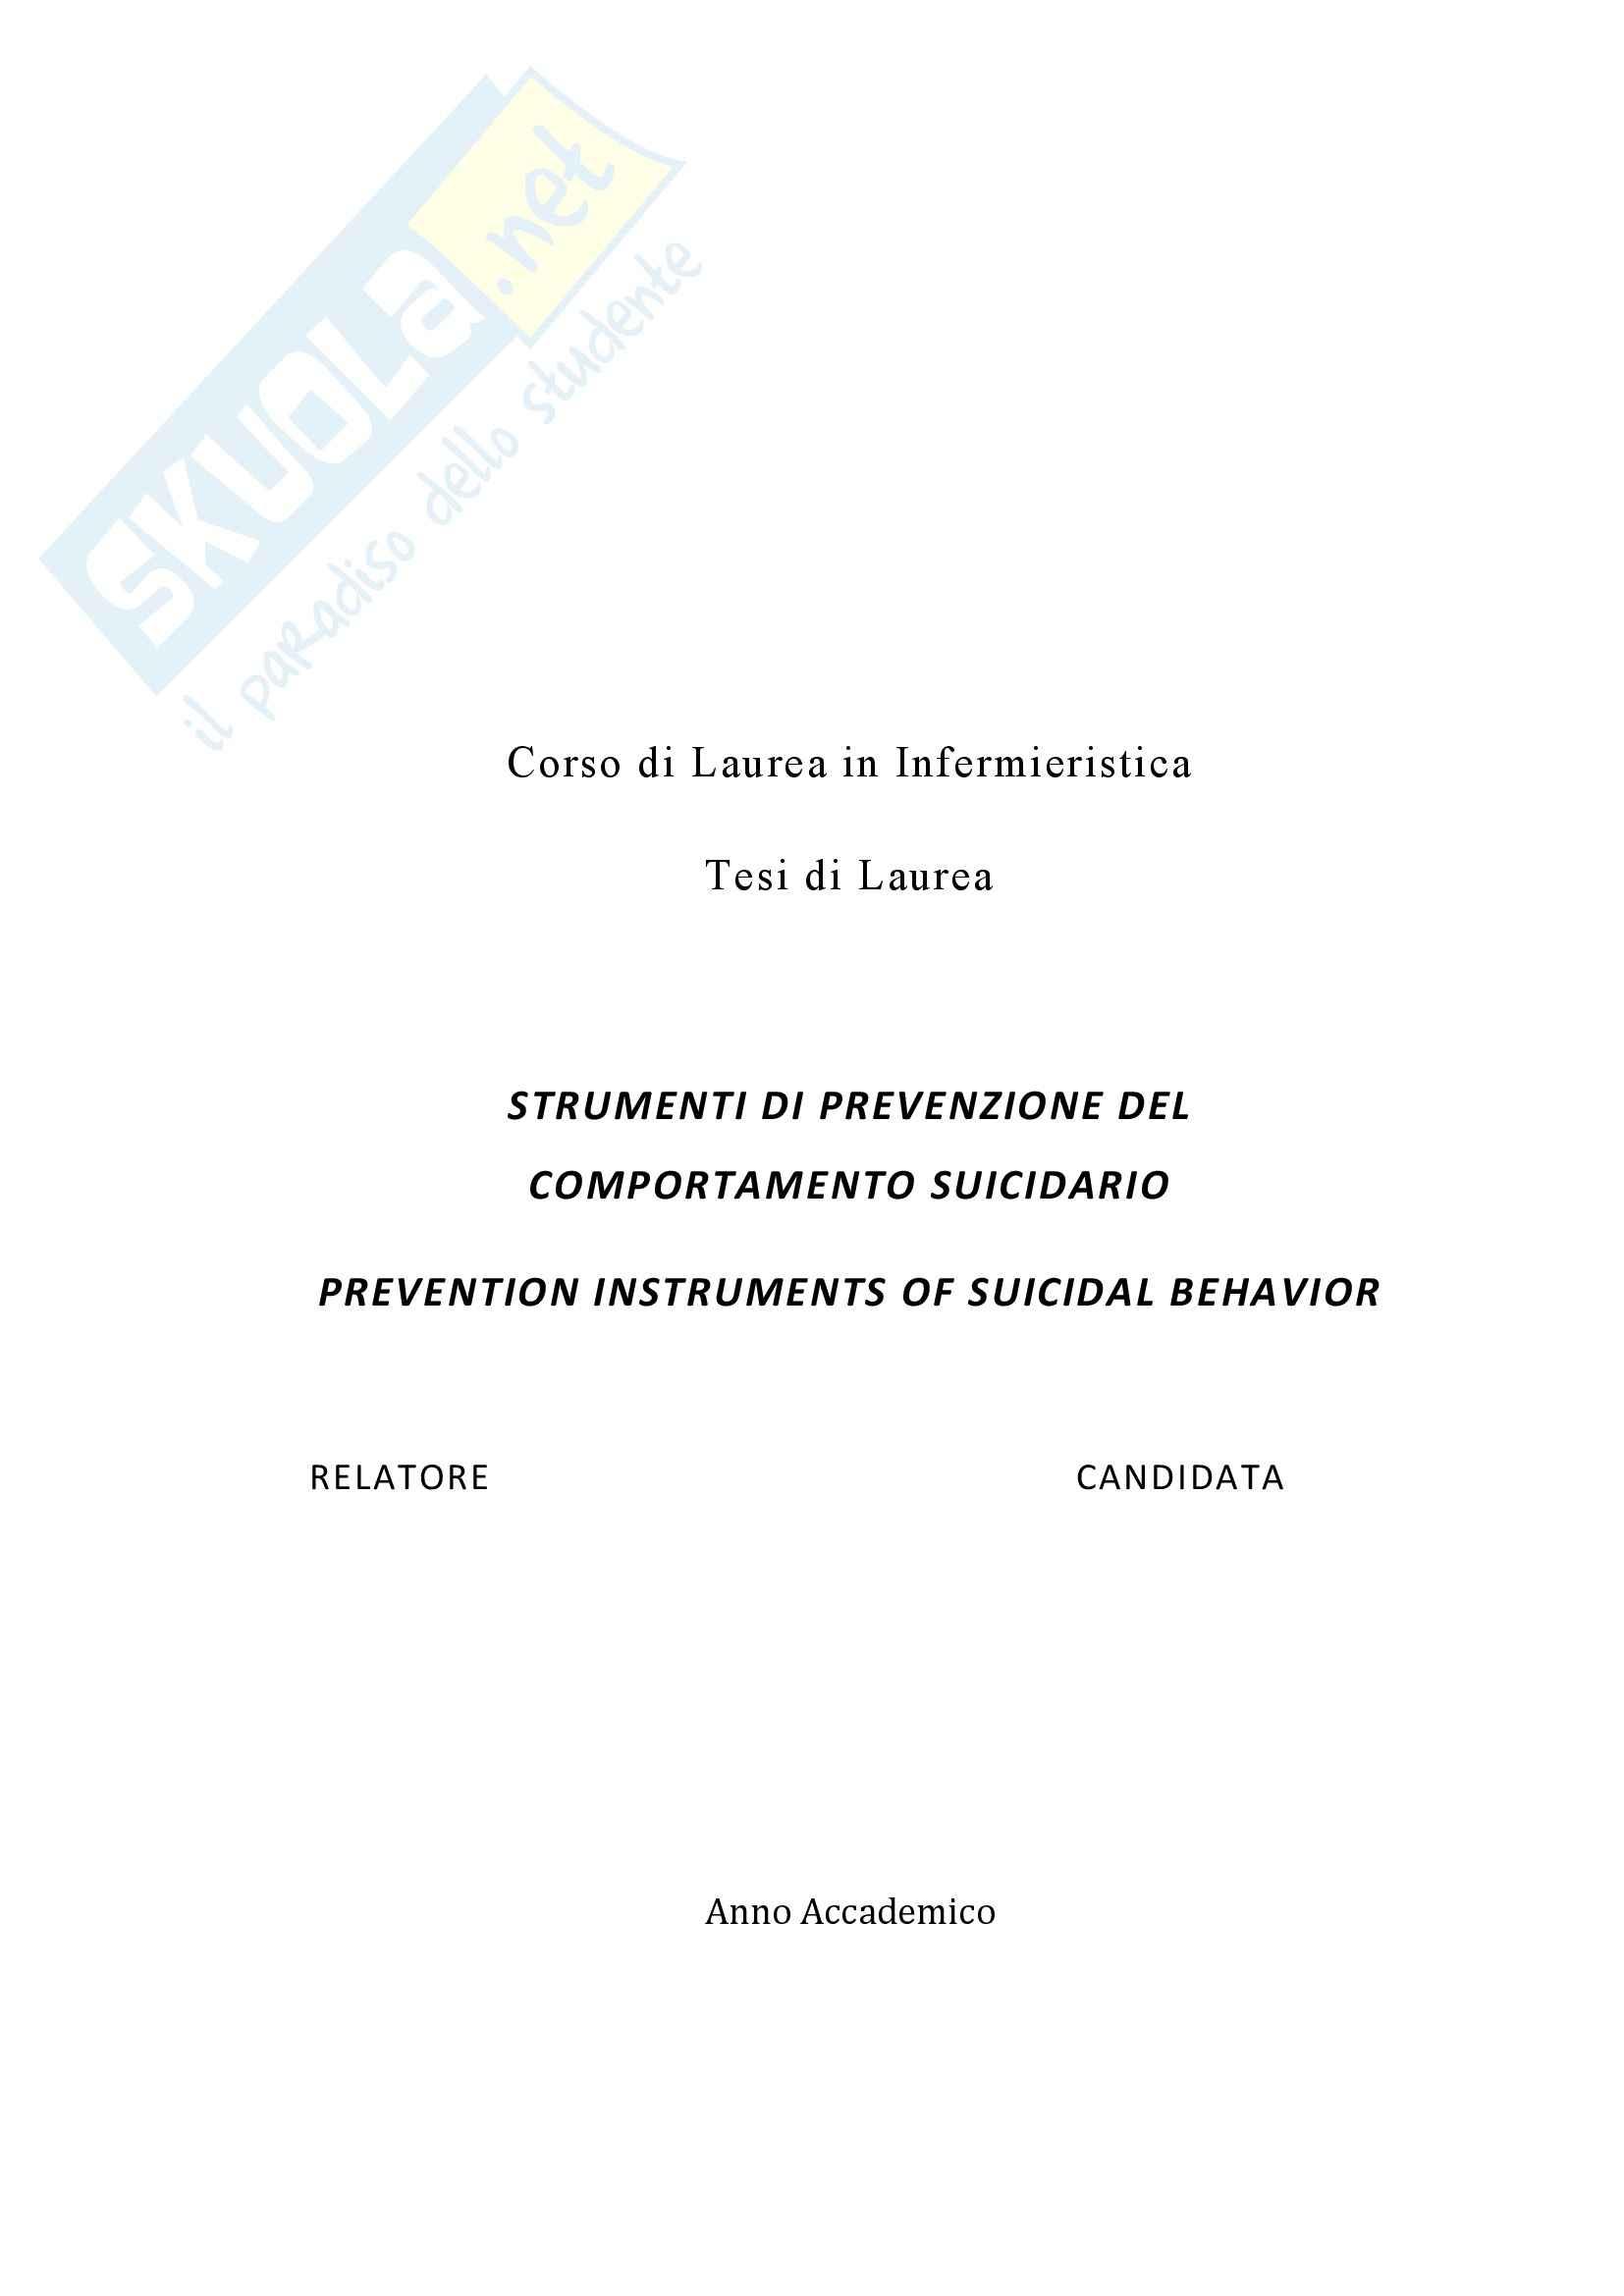 Strumenti di prevenzione del comportamento suicidario - Tesi